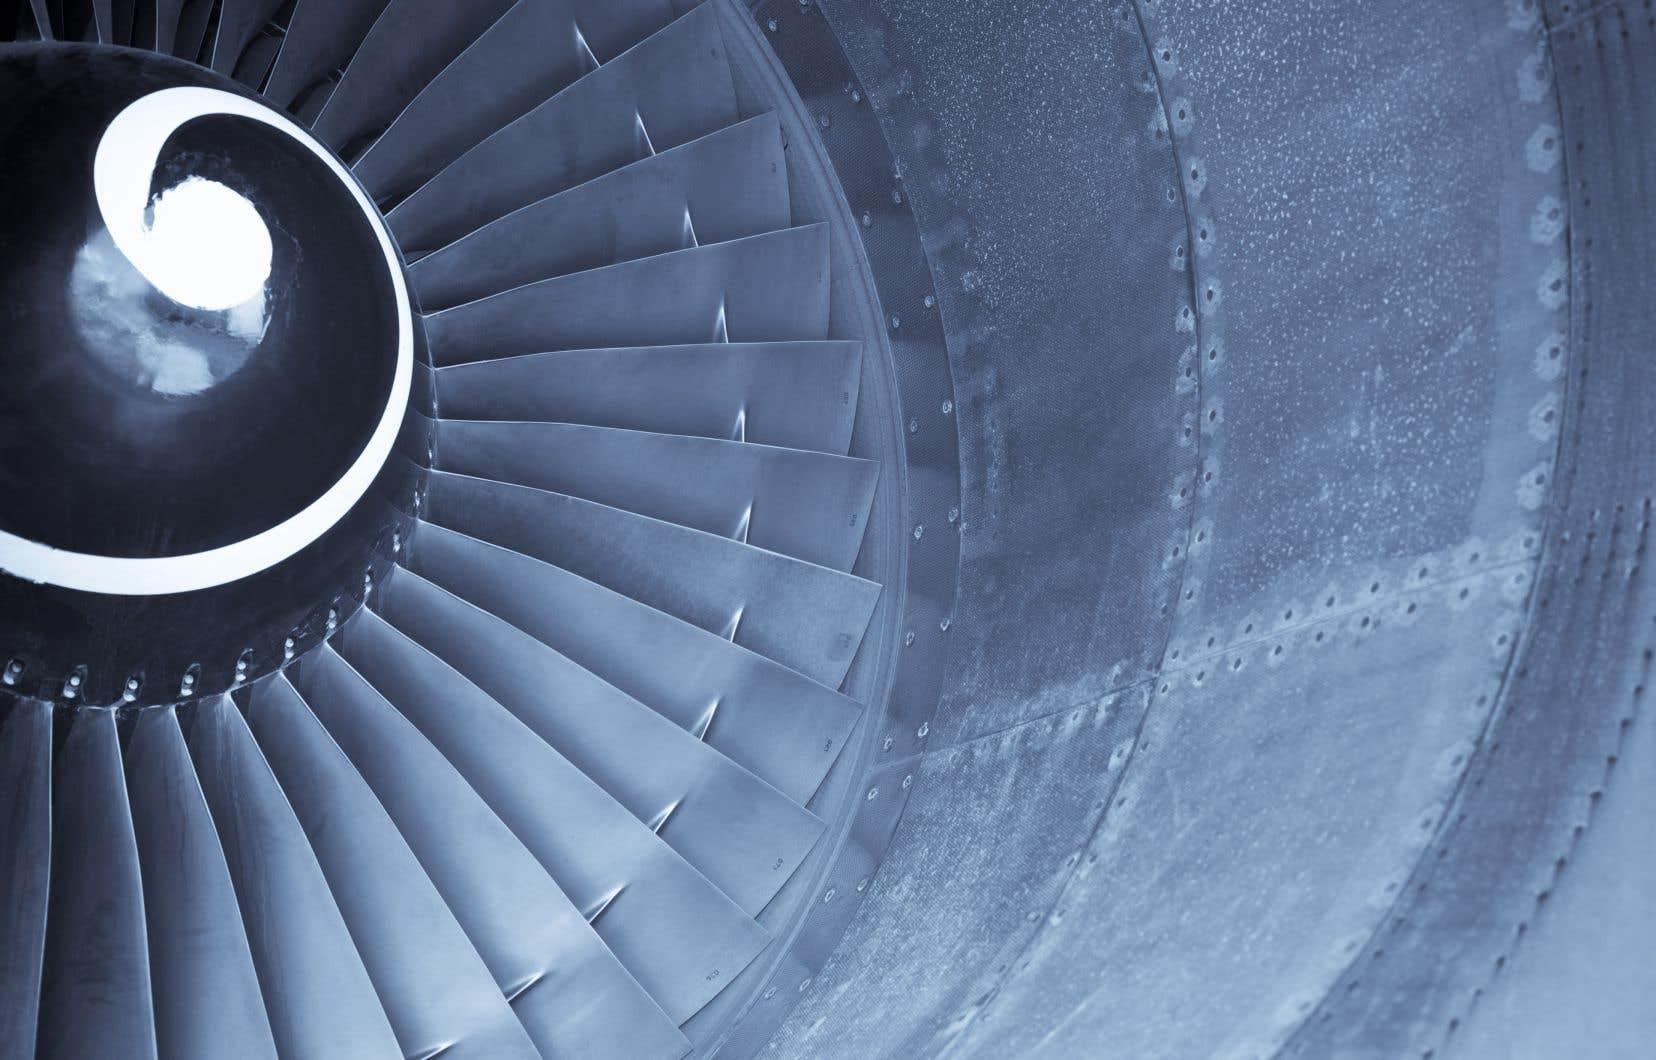 Les compagnies aériennes s'attendent à perdre 84,3milliards $US en 2020, pour une marge bénéficiaire nette de –20,1%.